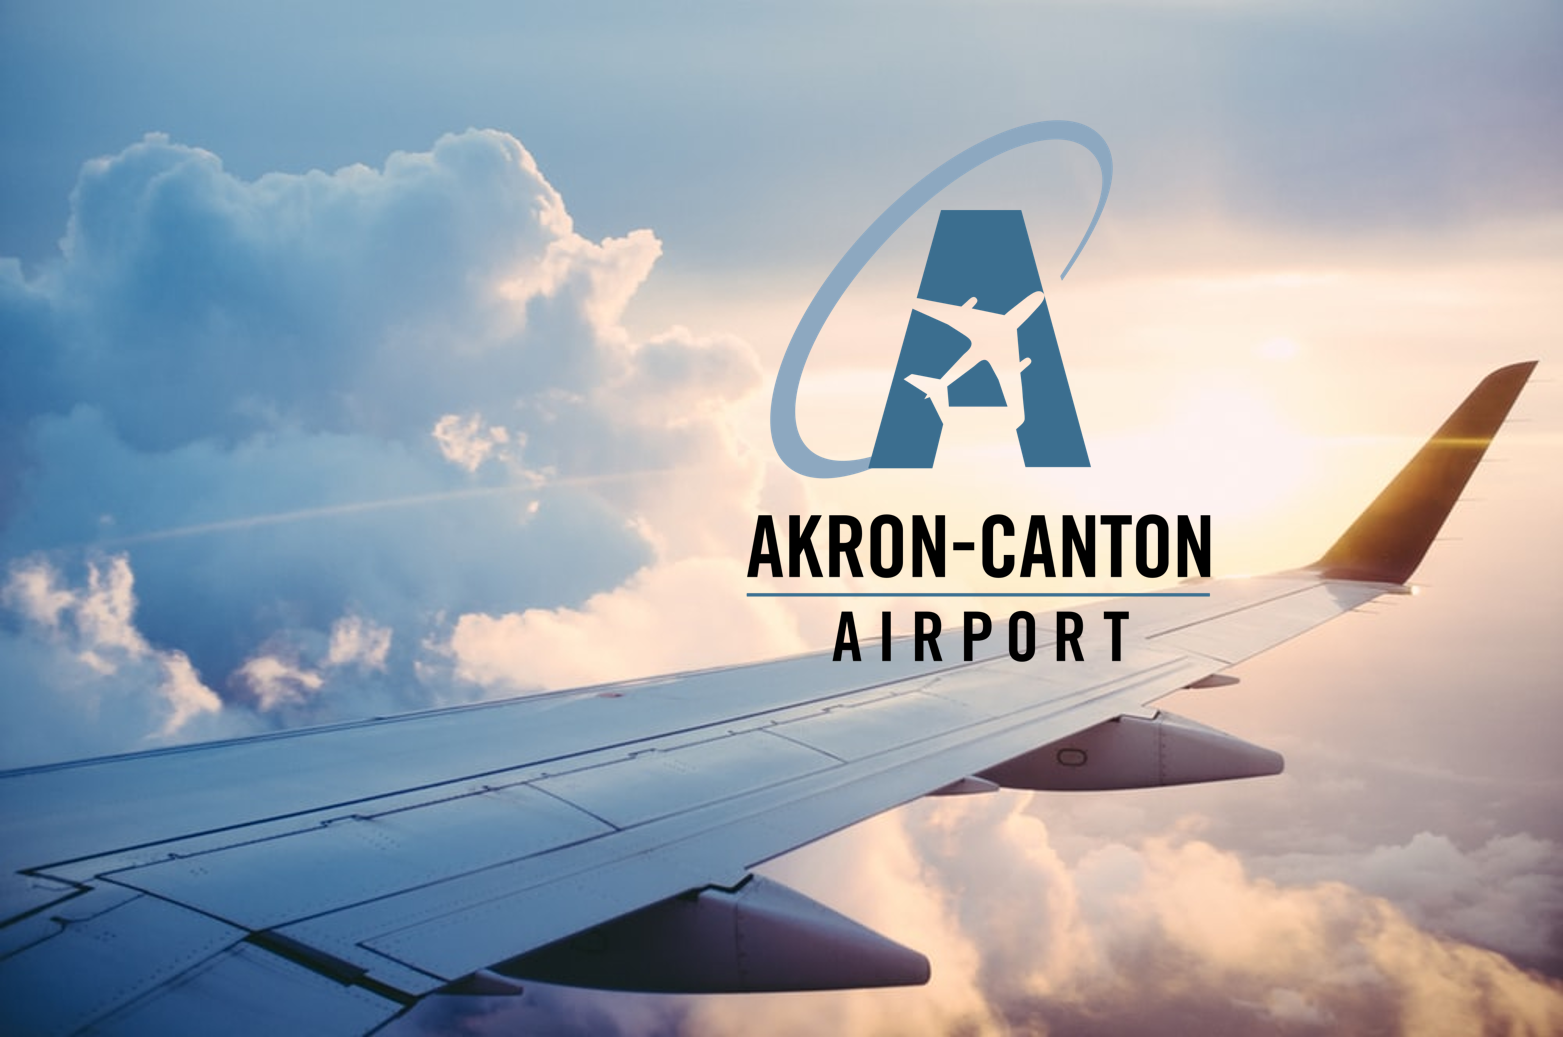 CAK airport.jpg1_large.png